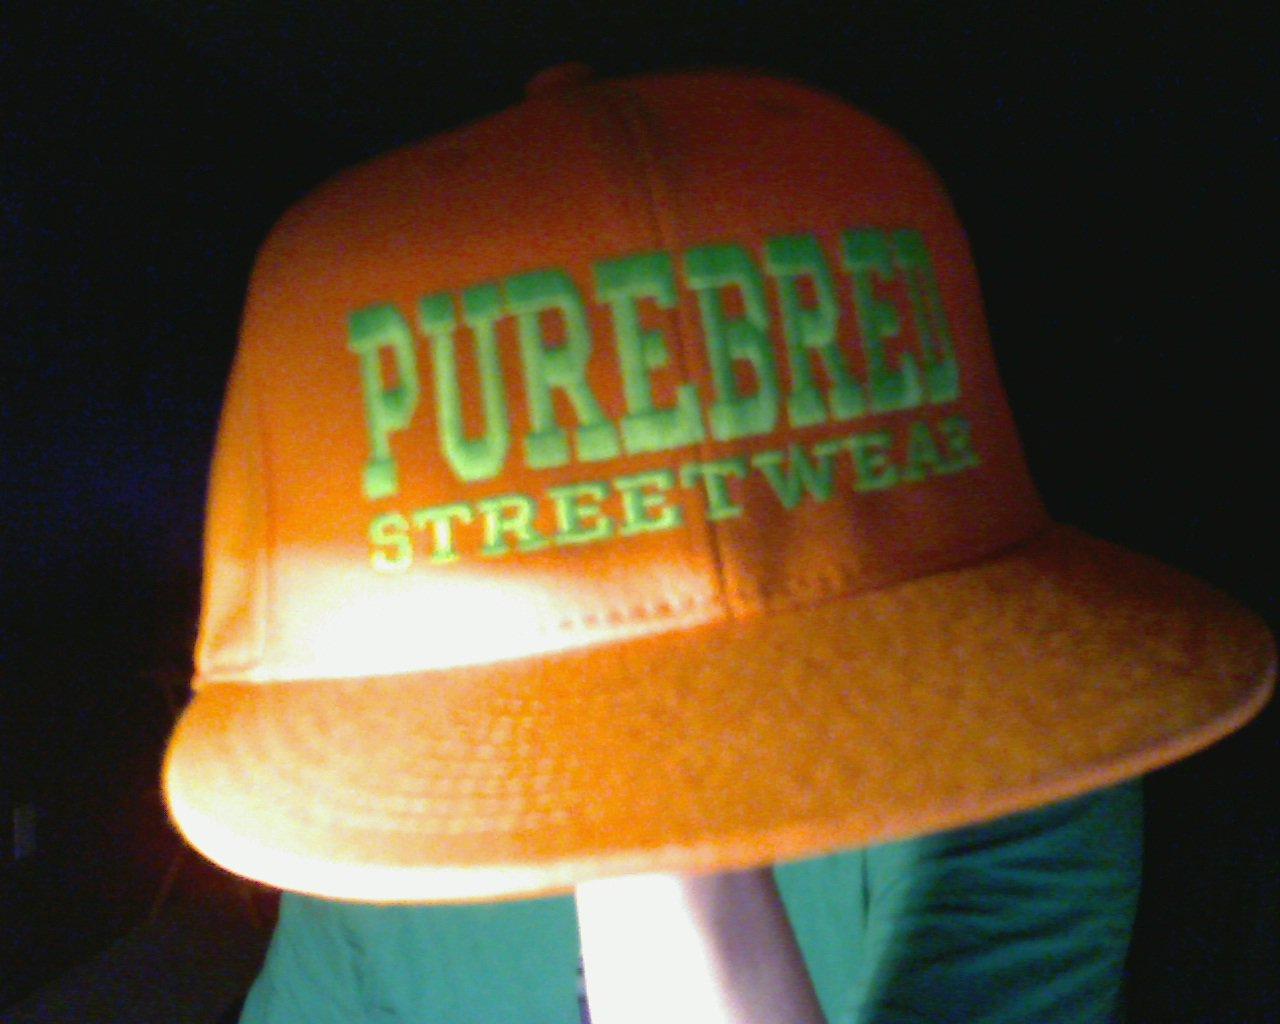 Purebred lid